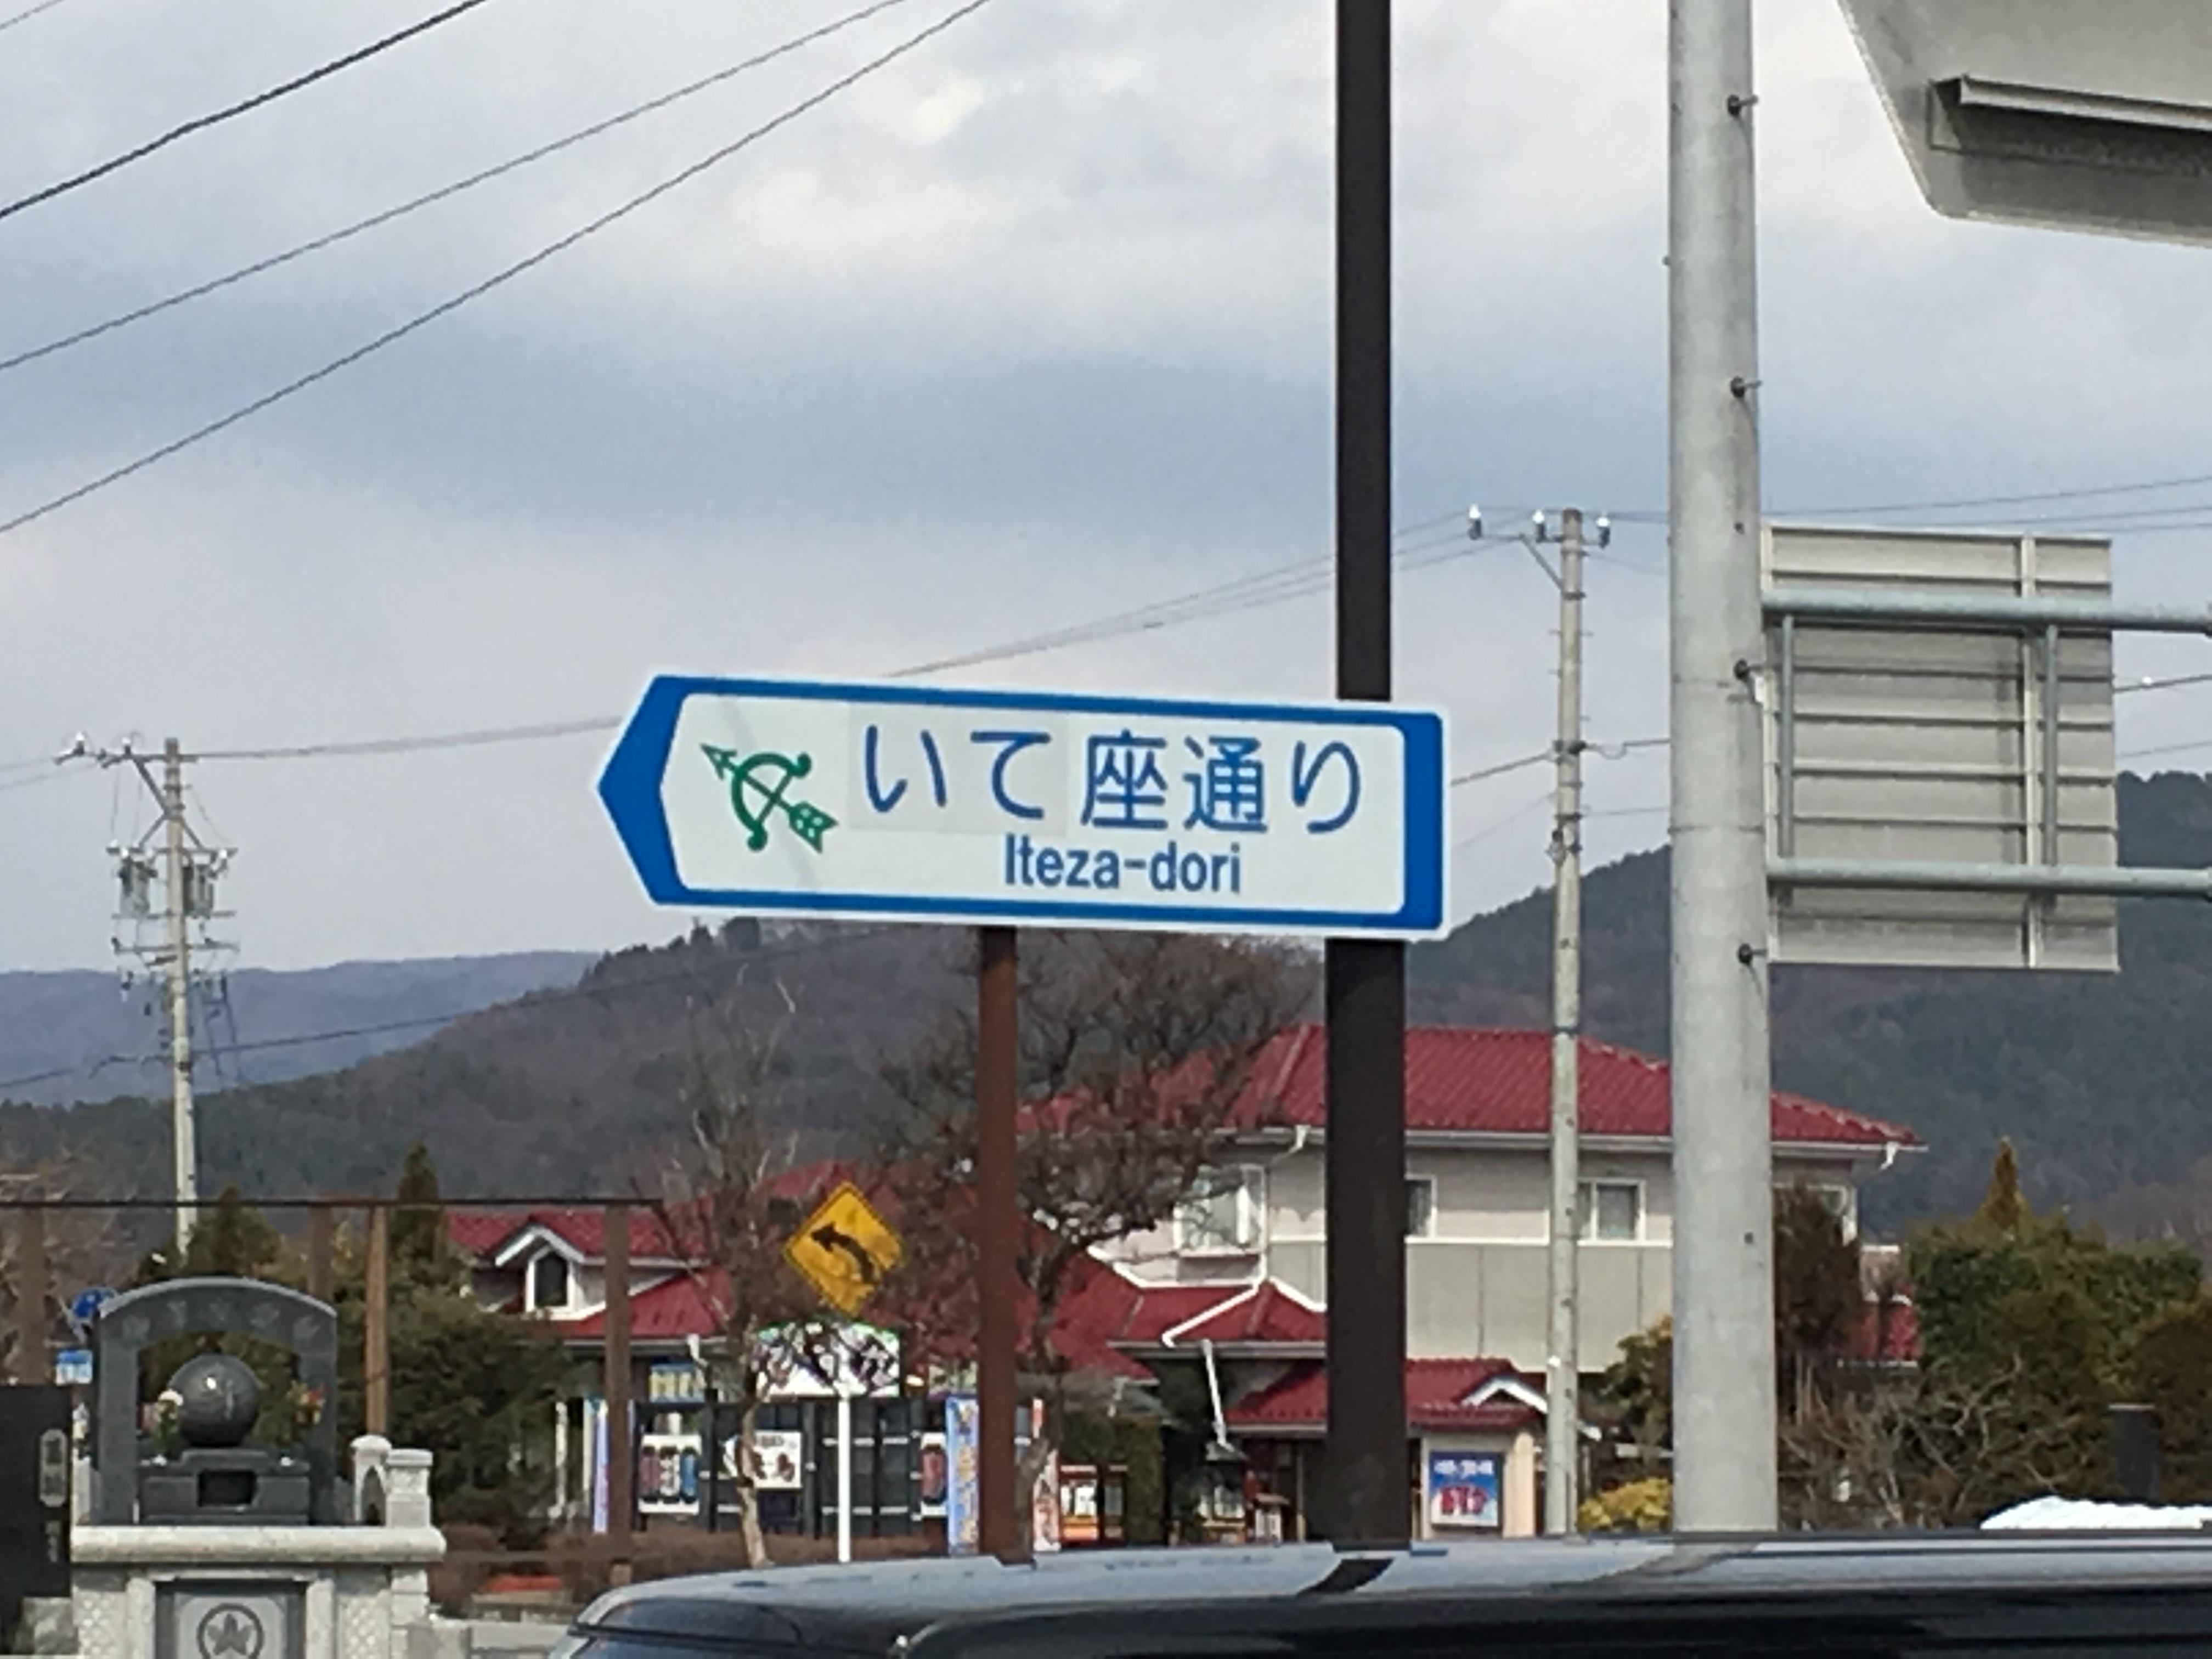 佐久市臼田、野沢へポスティングに行ってきました!